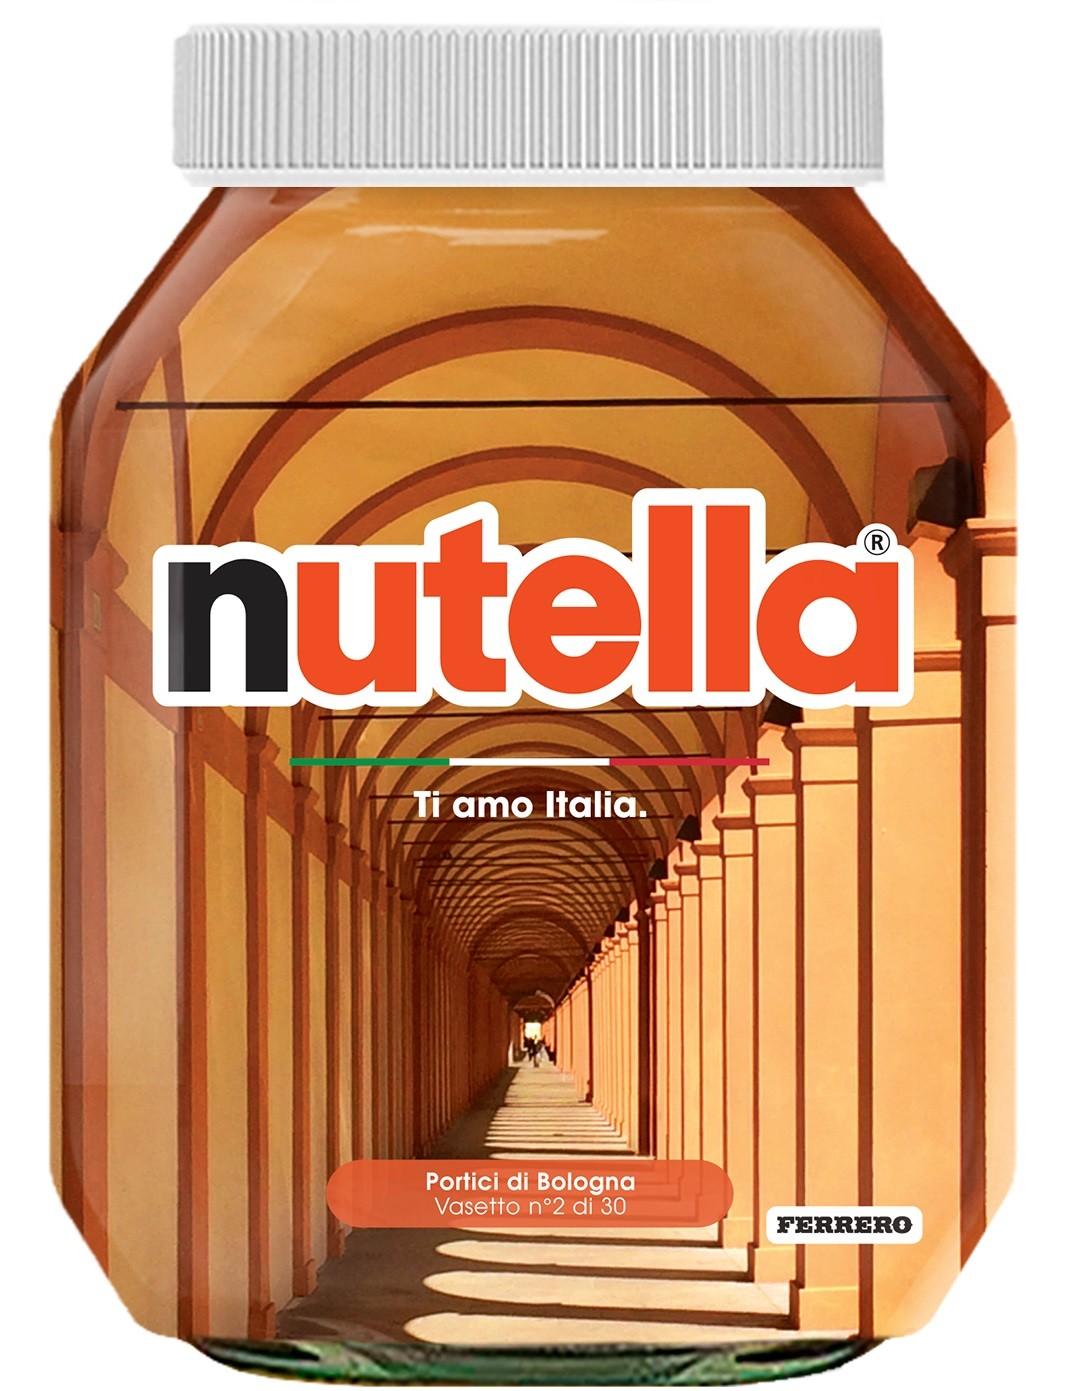 Nutella 02 Emilia Romagna Portici di Bologna